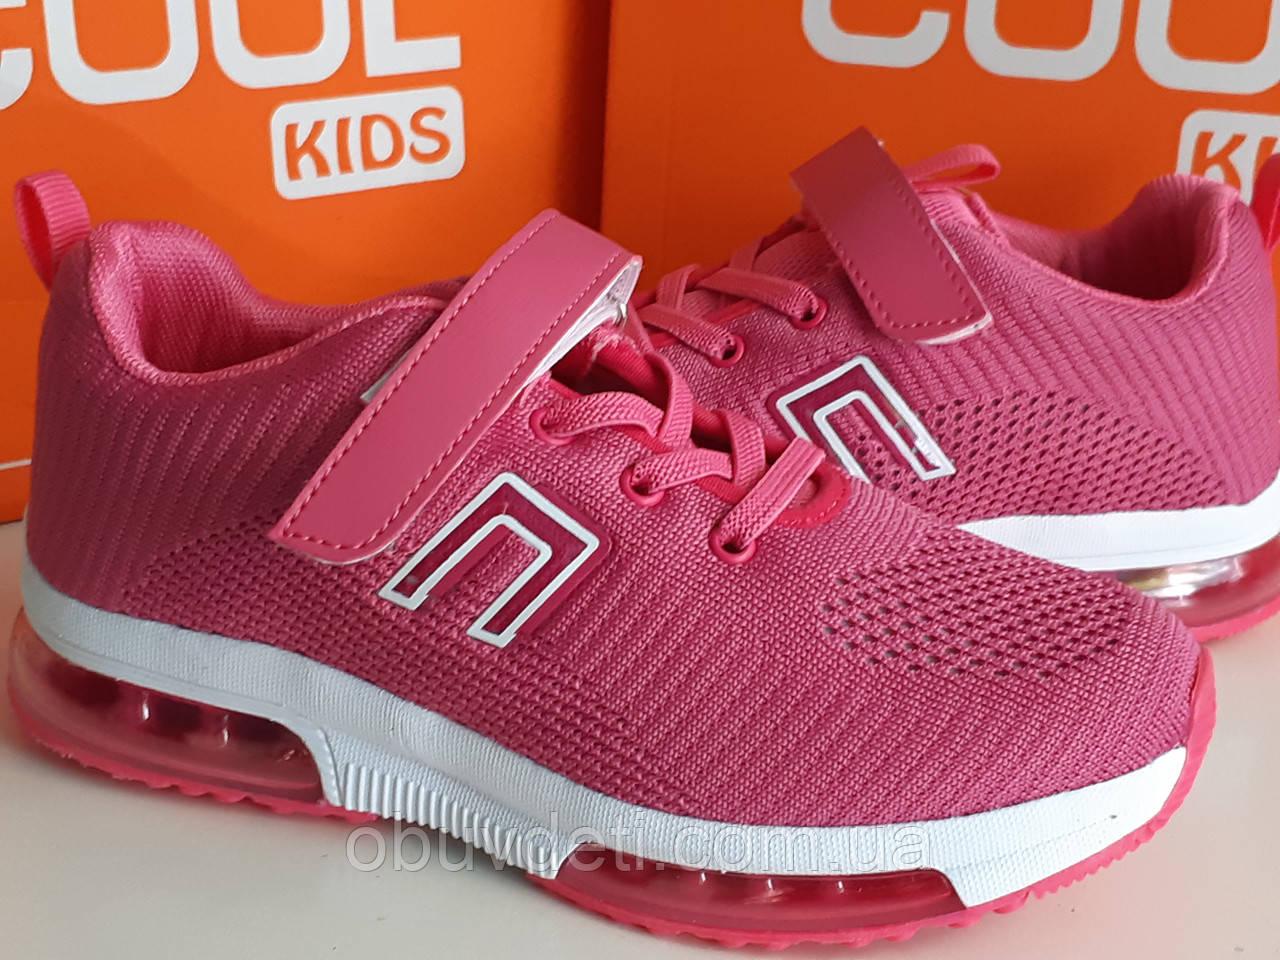 Якісні кросівки Cool для дівчаток 35 р-р - 22,5 см